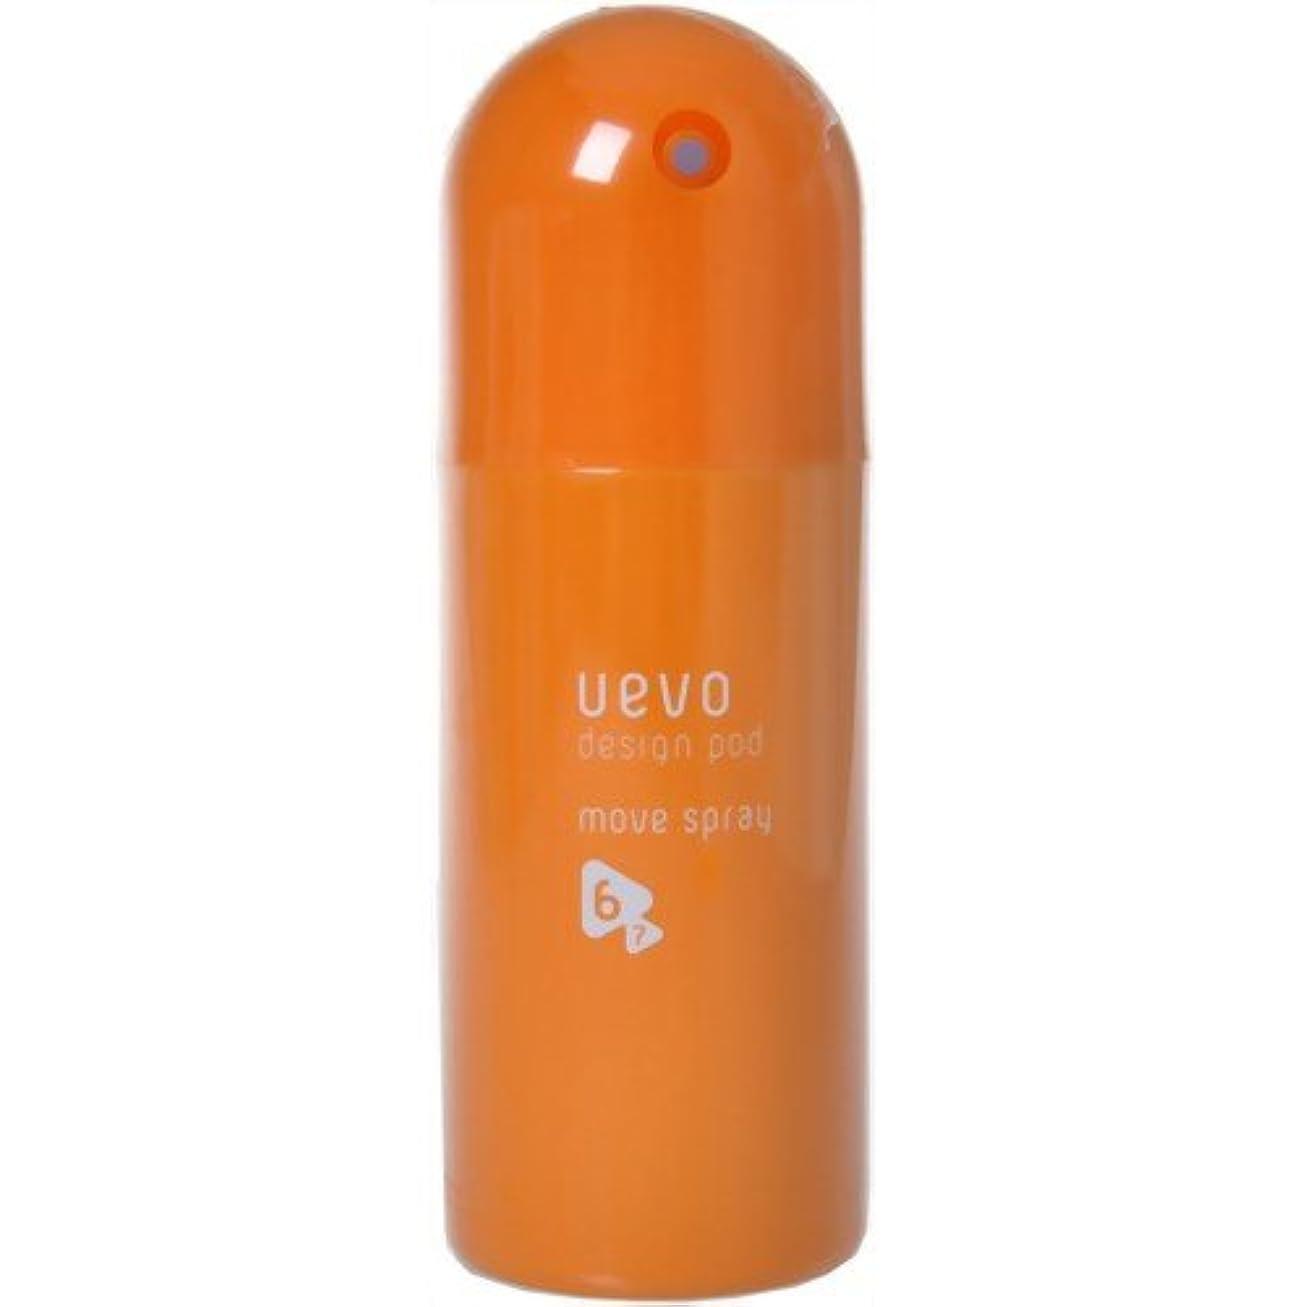 放棄する四実施するデミ ウェーボ デザインポッド ムーブスプレー 220ml move spray DEMI uevo design pod